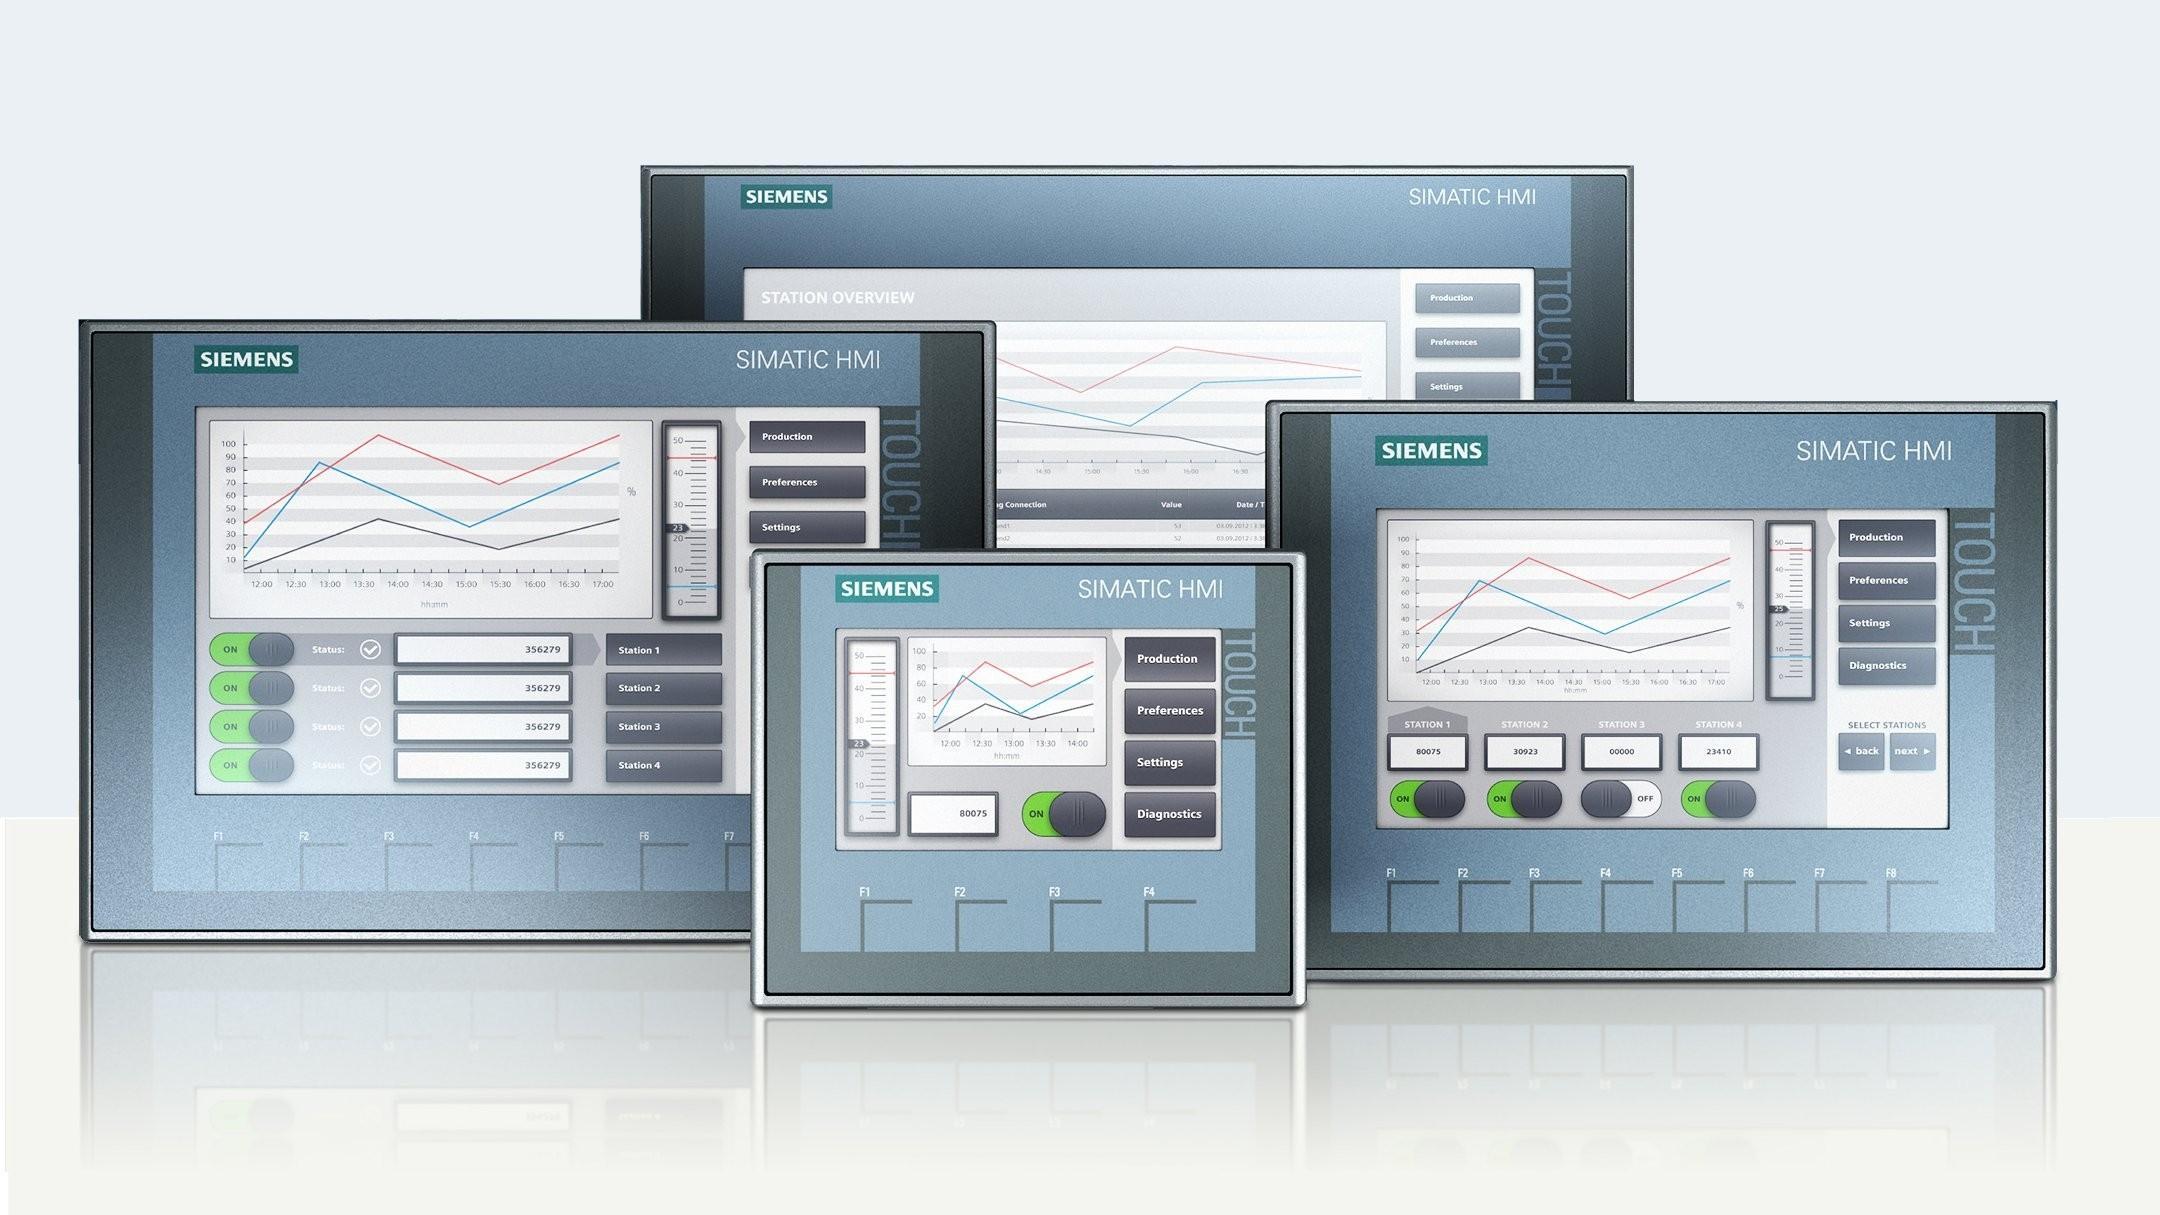 SIMATIC HMI Basic Panel. HMI vs GUI